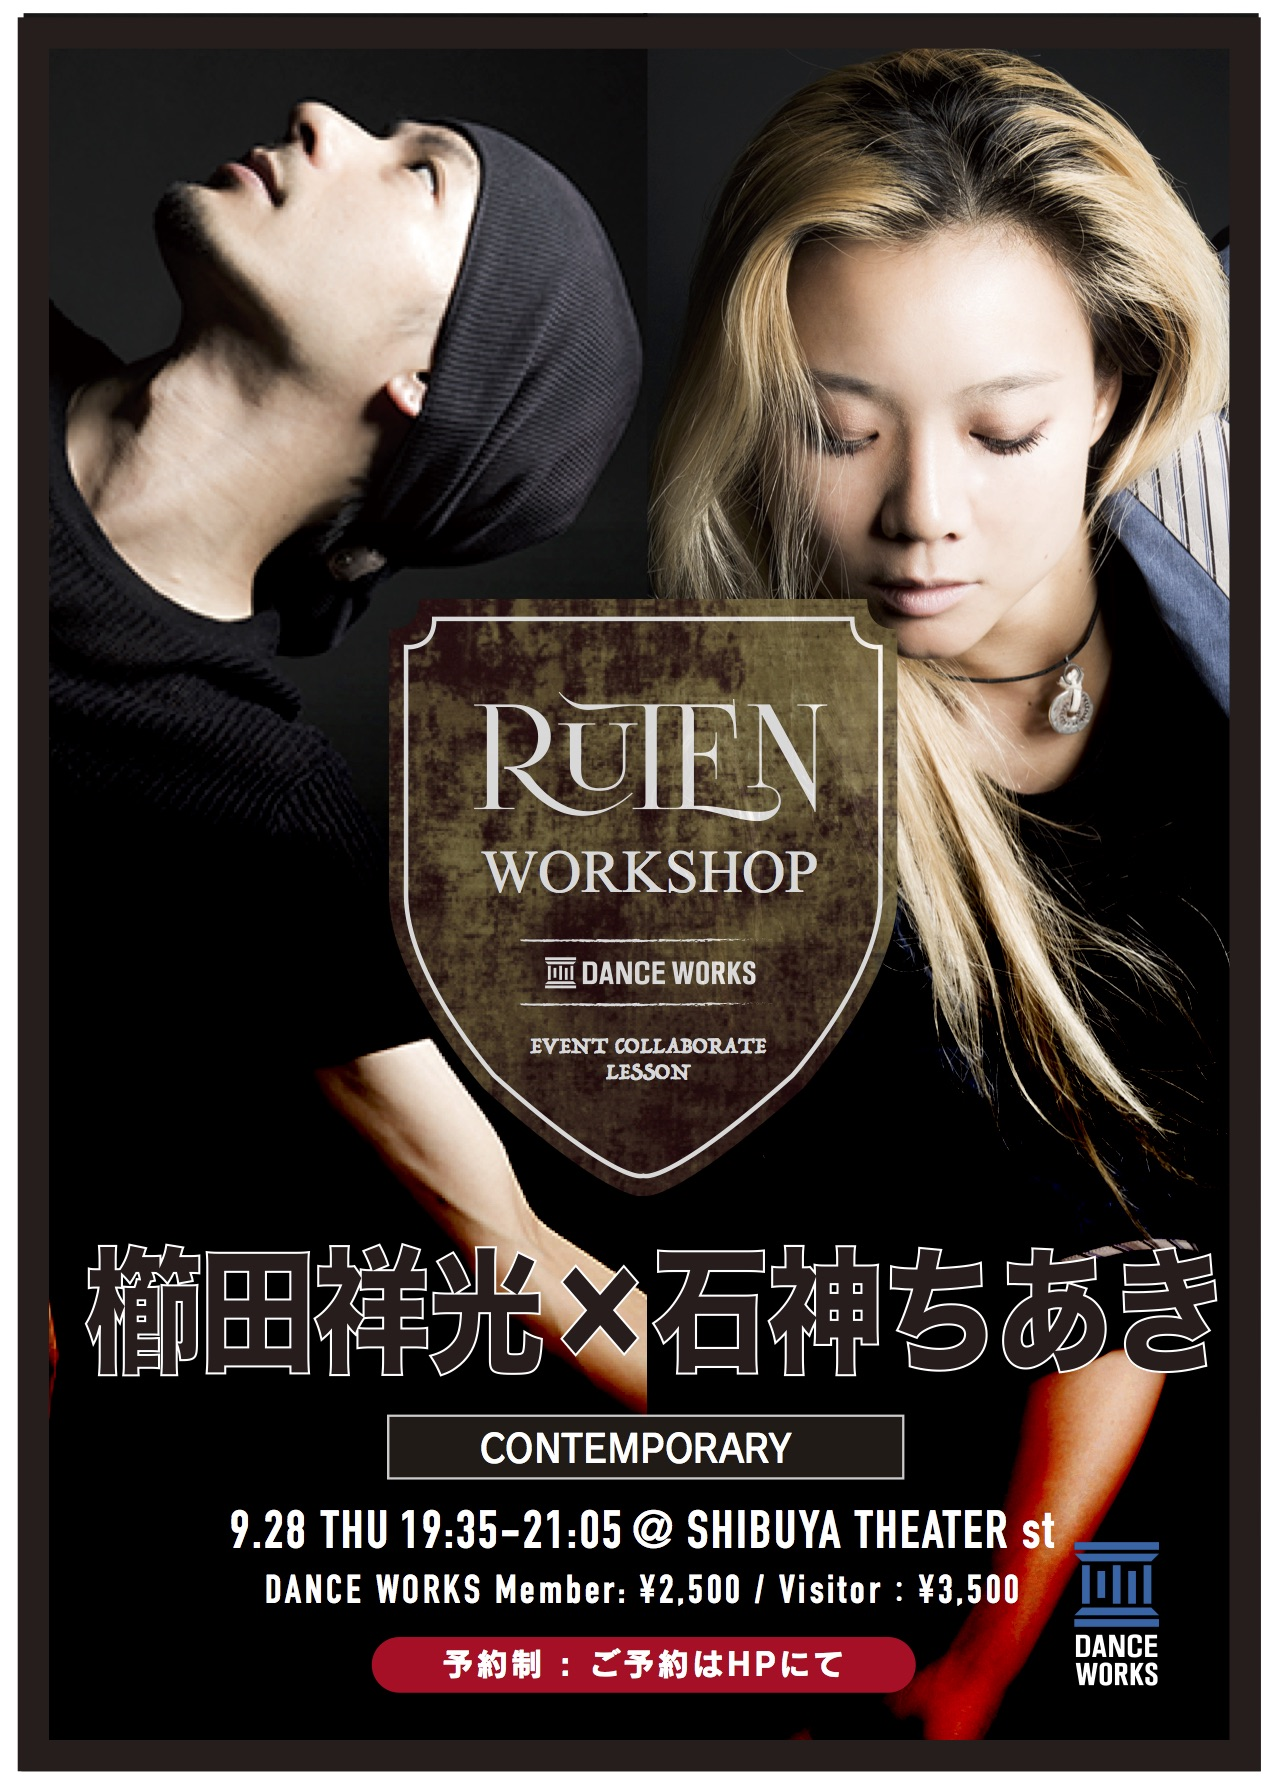 RUTEN_WS_櫛田石神